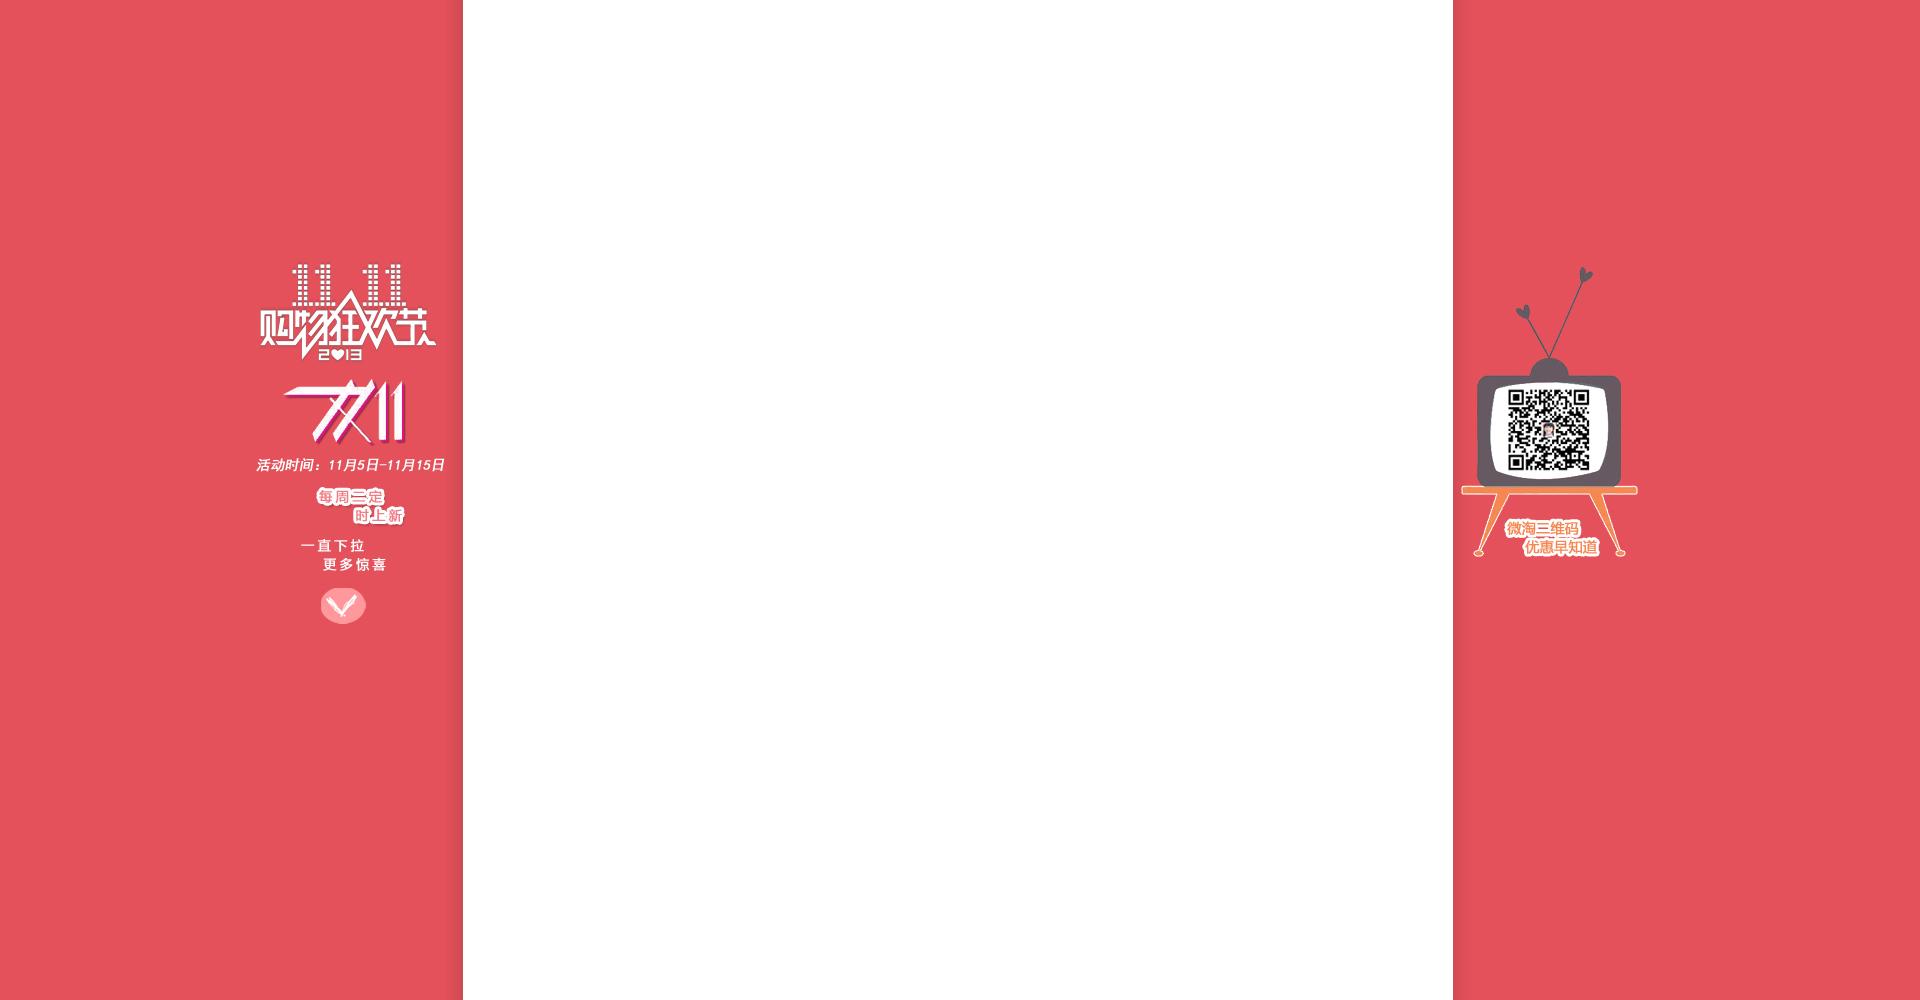 淘宝店铺背景图格式